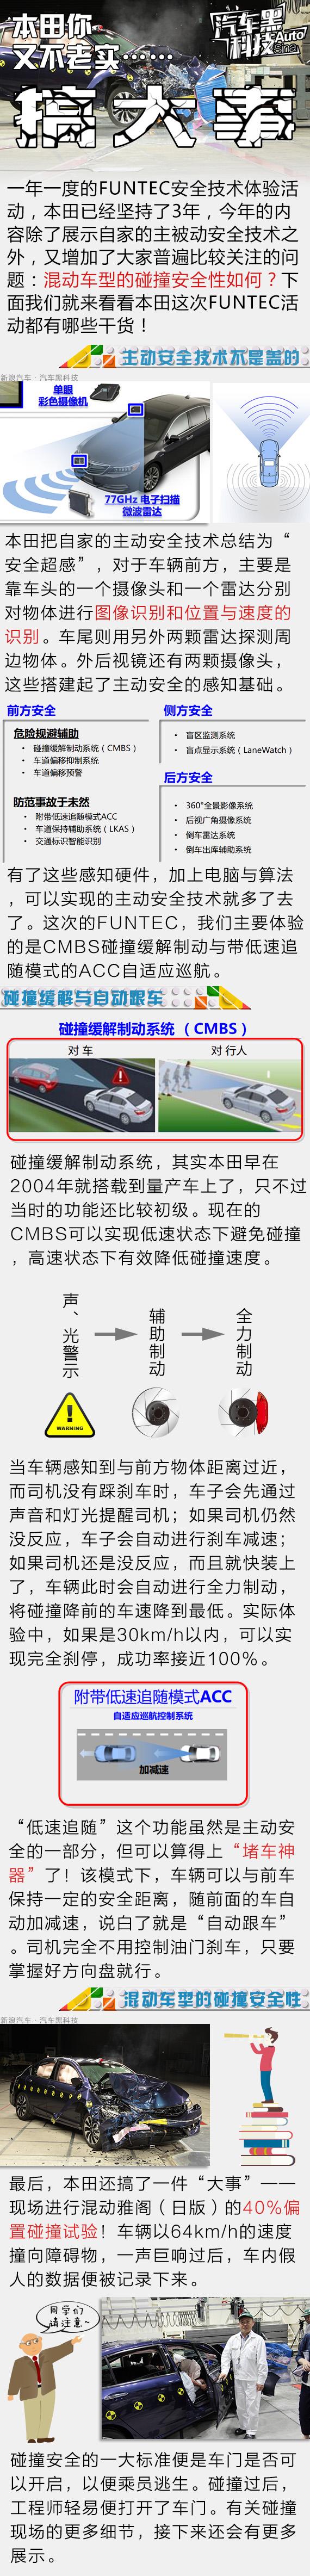 汽车黑科技54 本田混动车型碰撞实验